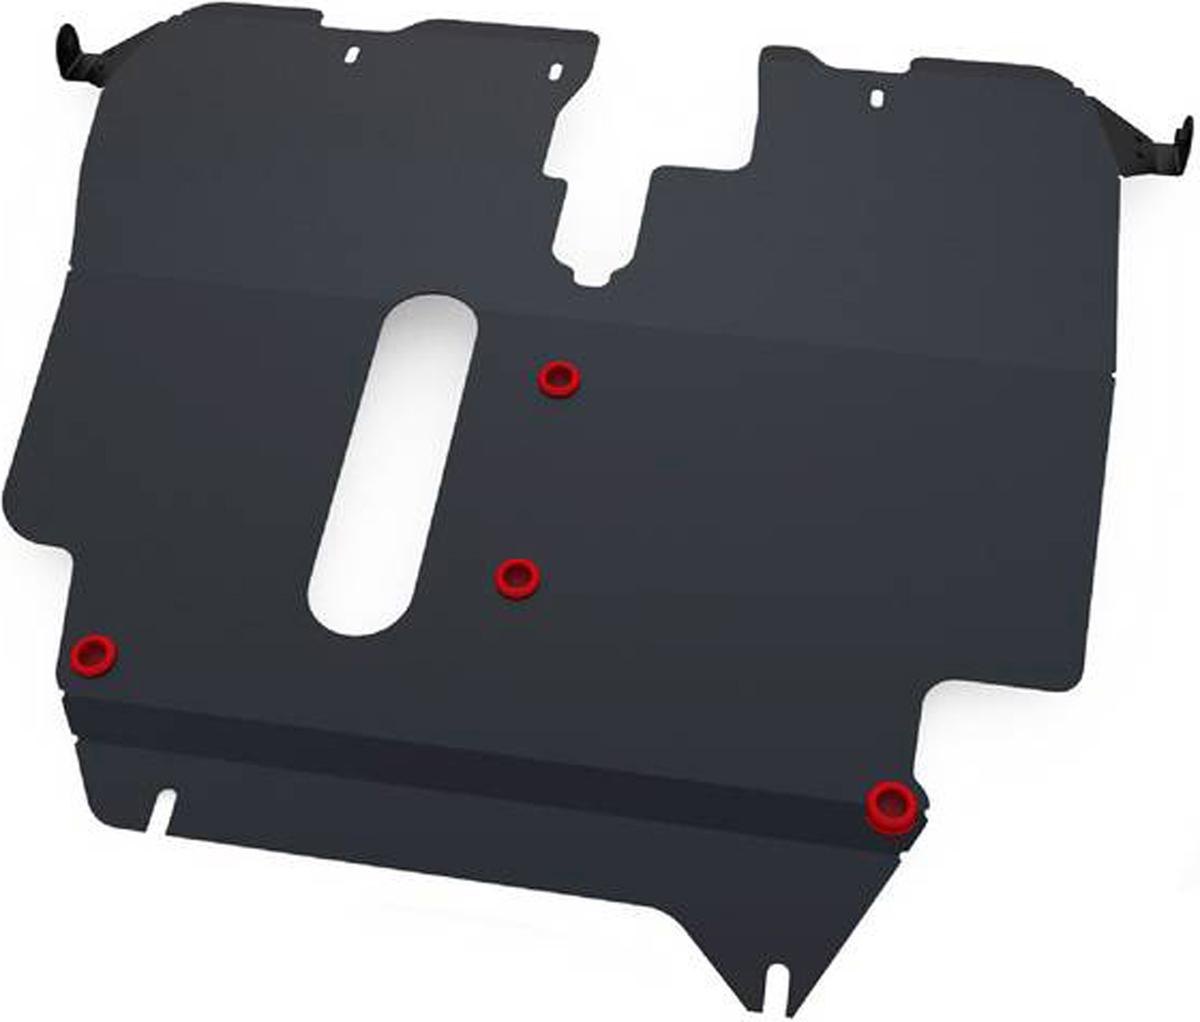 Защита картера и КПП Автоброня Toyota Spacio 1997-2001, сталь 2 мм111.05726.1Защита картера и КПП Автоброня Toyota Spacio, V - 1,6 1997-2001, сталь 2 мм, комплект крепежа, 111.05726.1Стальные защиты Автоброня надежно защищают ваш автомобиль от повреждений при наезде на бордюры, выступающие канализационные люки, кромки поврежденного асфальта или при ремонте дорог, не говоря уже о загородных дорогах. - Имеют оптимальное соотношение цена-качество. - Спроектированы с учетом особенностей автомобиля, что делает установку удобной. - Защита устанавливается в штатные места кузова автомобиля. - Является надежной защитой для важных элементов на протяжении долгих лет. - Глубокий штамп дополнительно усиливает конструкцию защиты. - Подштамповка в местах крепления защищает крепеж от срезания. - Технологические отверстия там, где они необходимы для смены масла и слива воды, оборудованные заглушками, закрепленными на защите. Толщина стали 2 мм. В комплекте крепеж и инструкция по установке.Уважаемые клиенты! Обращаем ваше внимание на тот факт, что защита имеет форму, соответствующую модели данного автомобиля. Наличие глубокого штампа и лючков для смены фильтров/масла предусмотрено не на всех защитах. Фото служит для визуального восприятия товара.